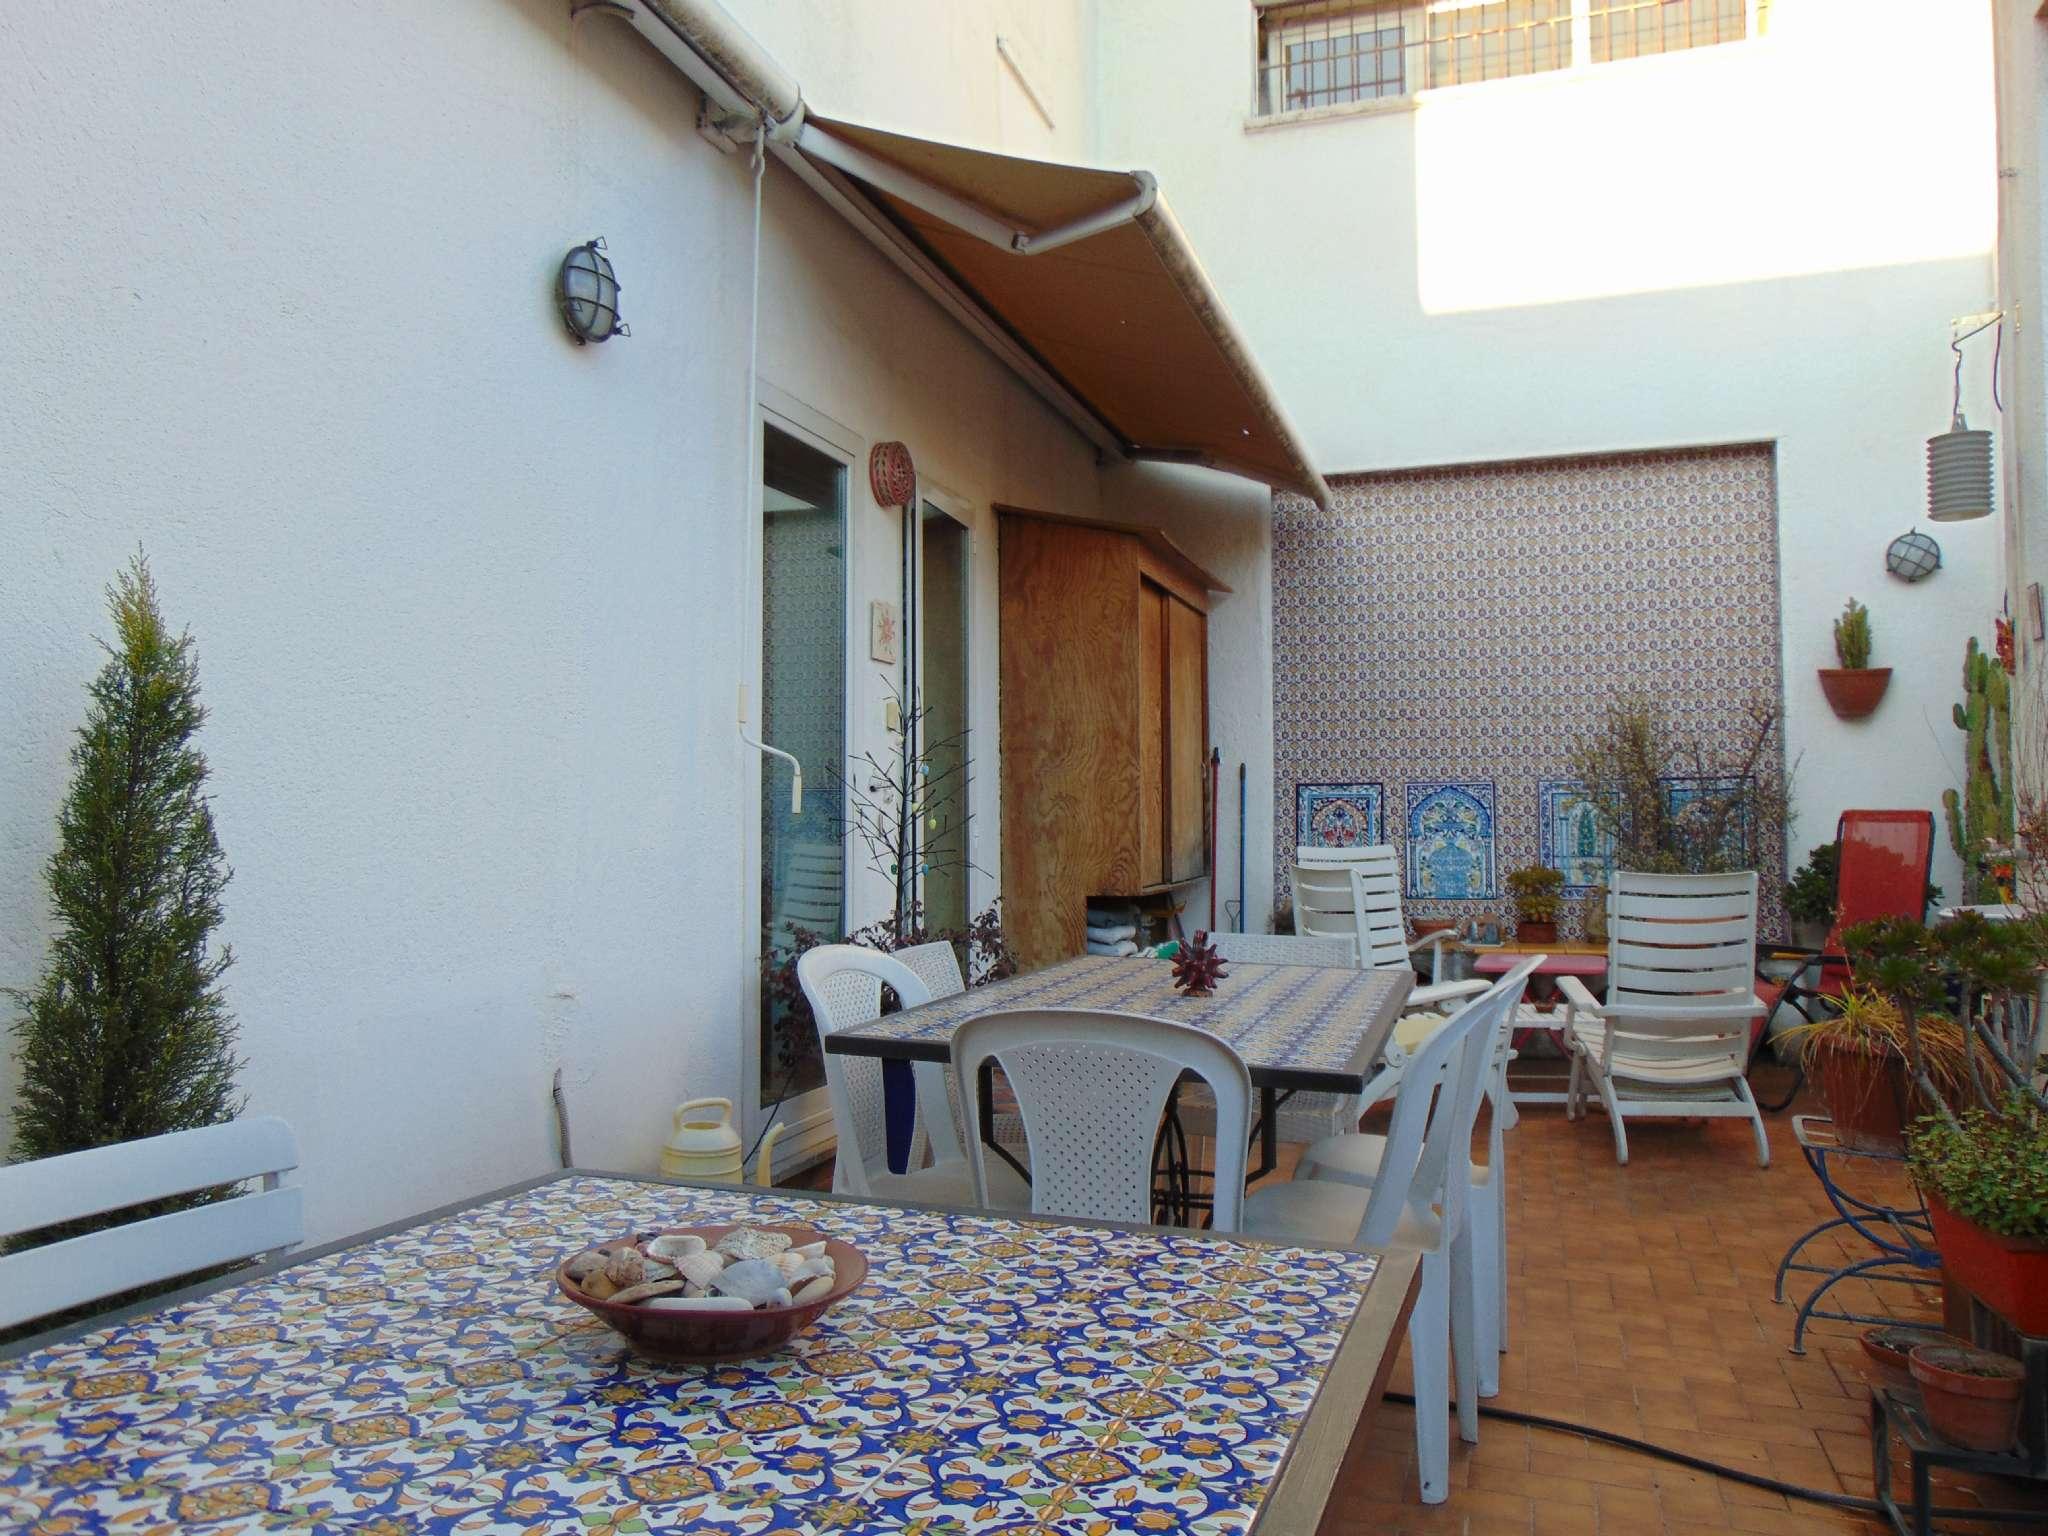 Appartamento in vendita a Roma, 5 locali, zona Zona: 3 . Trieste - Somalia - Salario, prezzo € 520.000 | CambioCasa.it